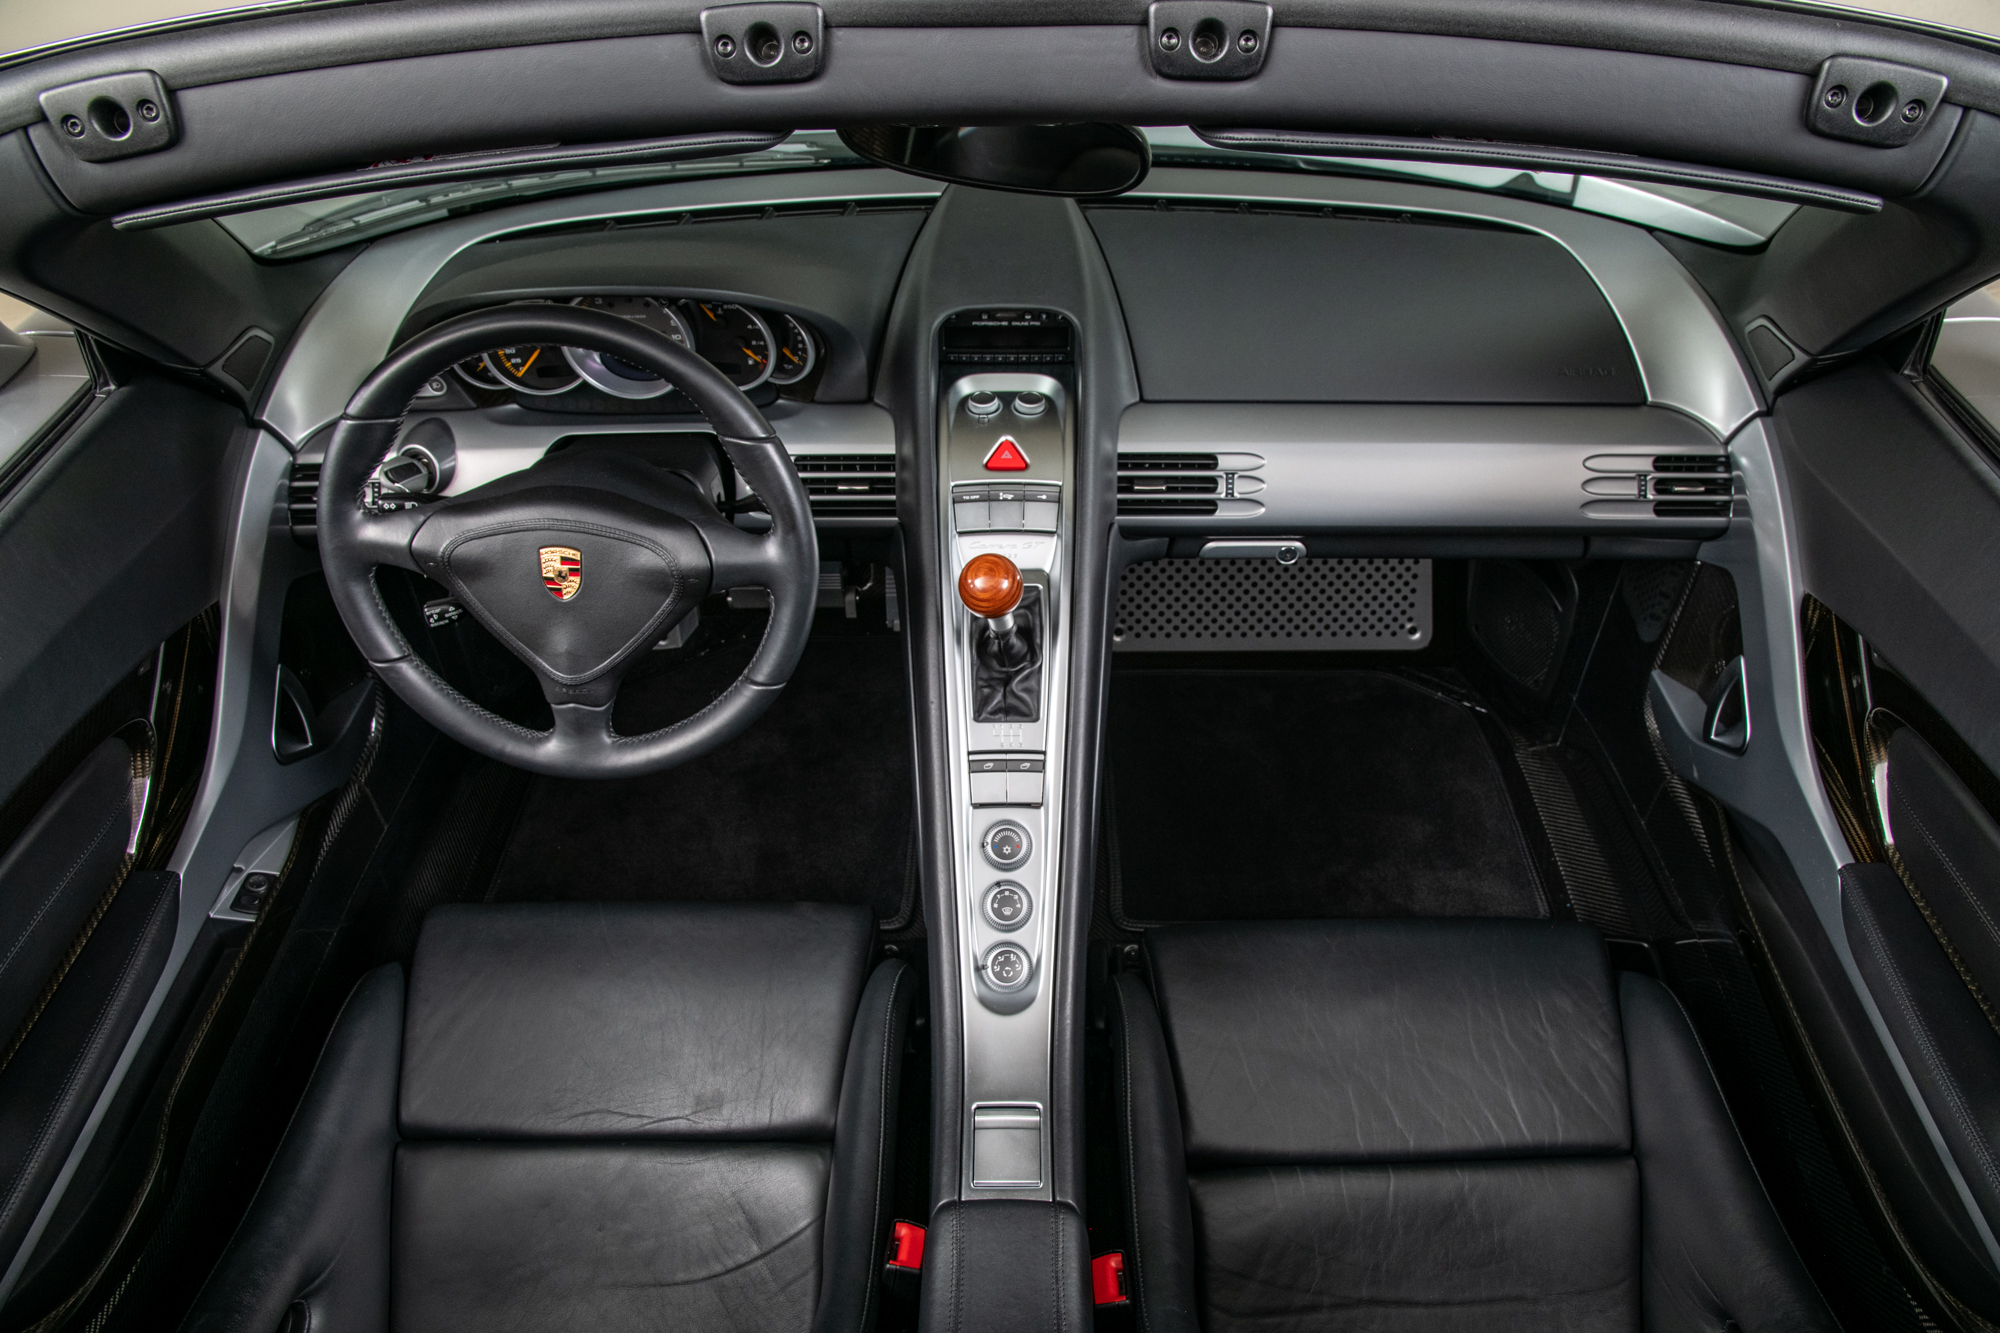 2004 Porsche Carrera GT , SILVER, VIN WP0CA29864L001172, MILEAGE 1992